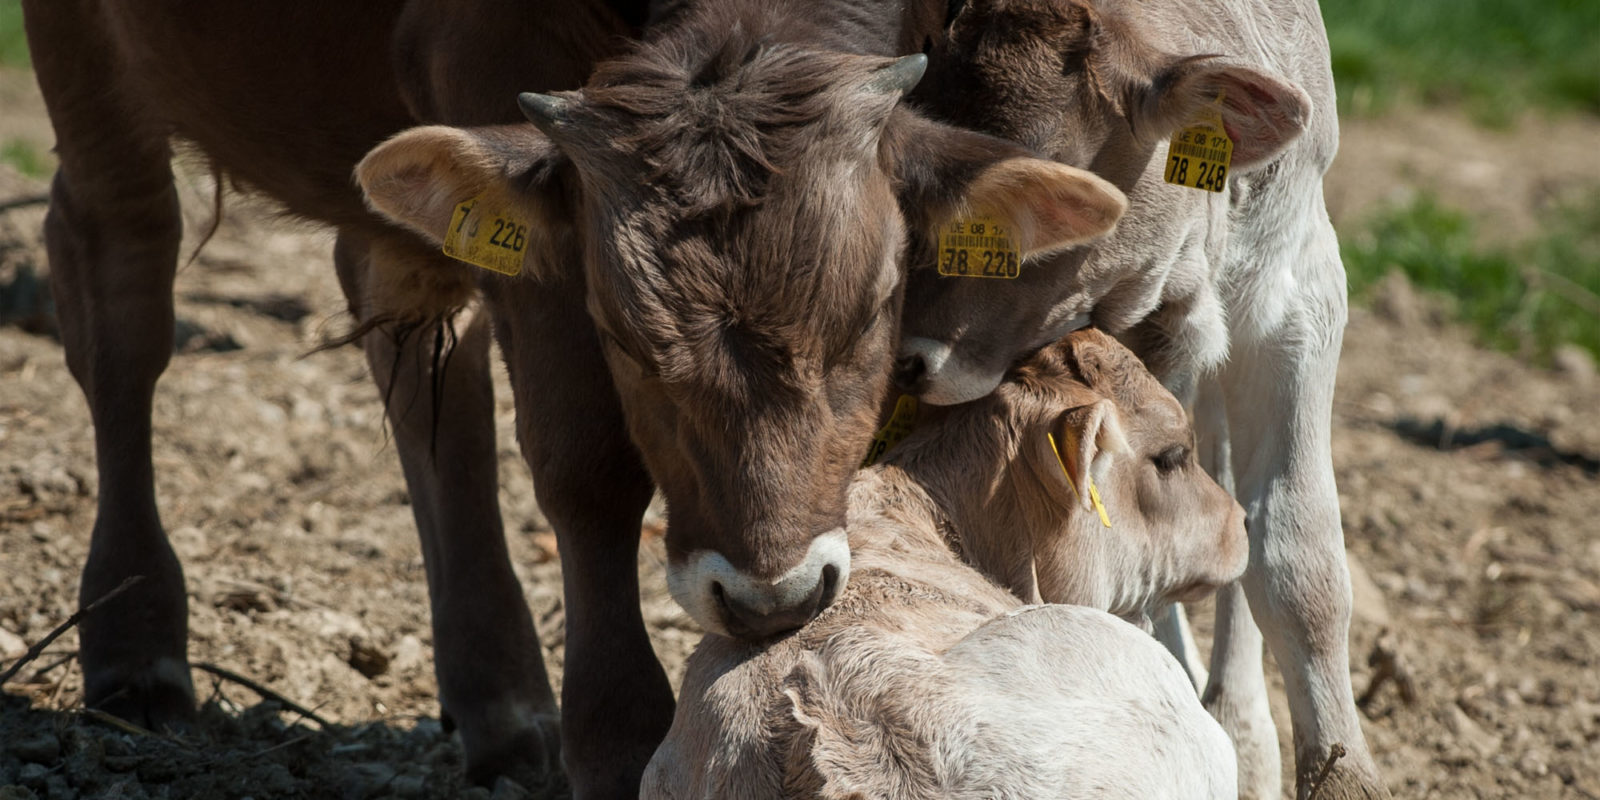 Muttergebundene Kälberaufzucht. Die Trennung von Kuh und Kalb erfolgt in kleinen Schritten.